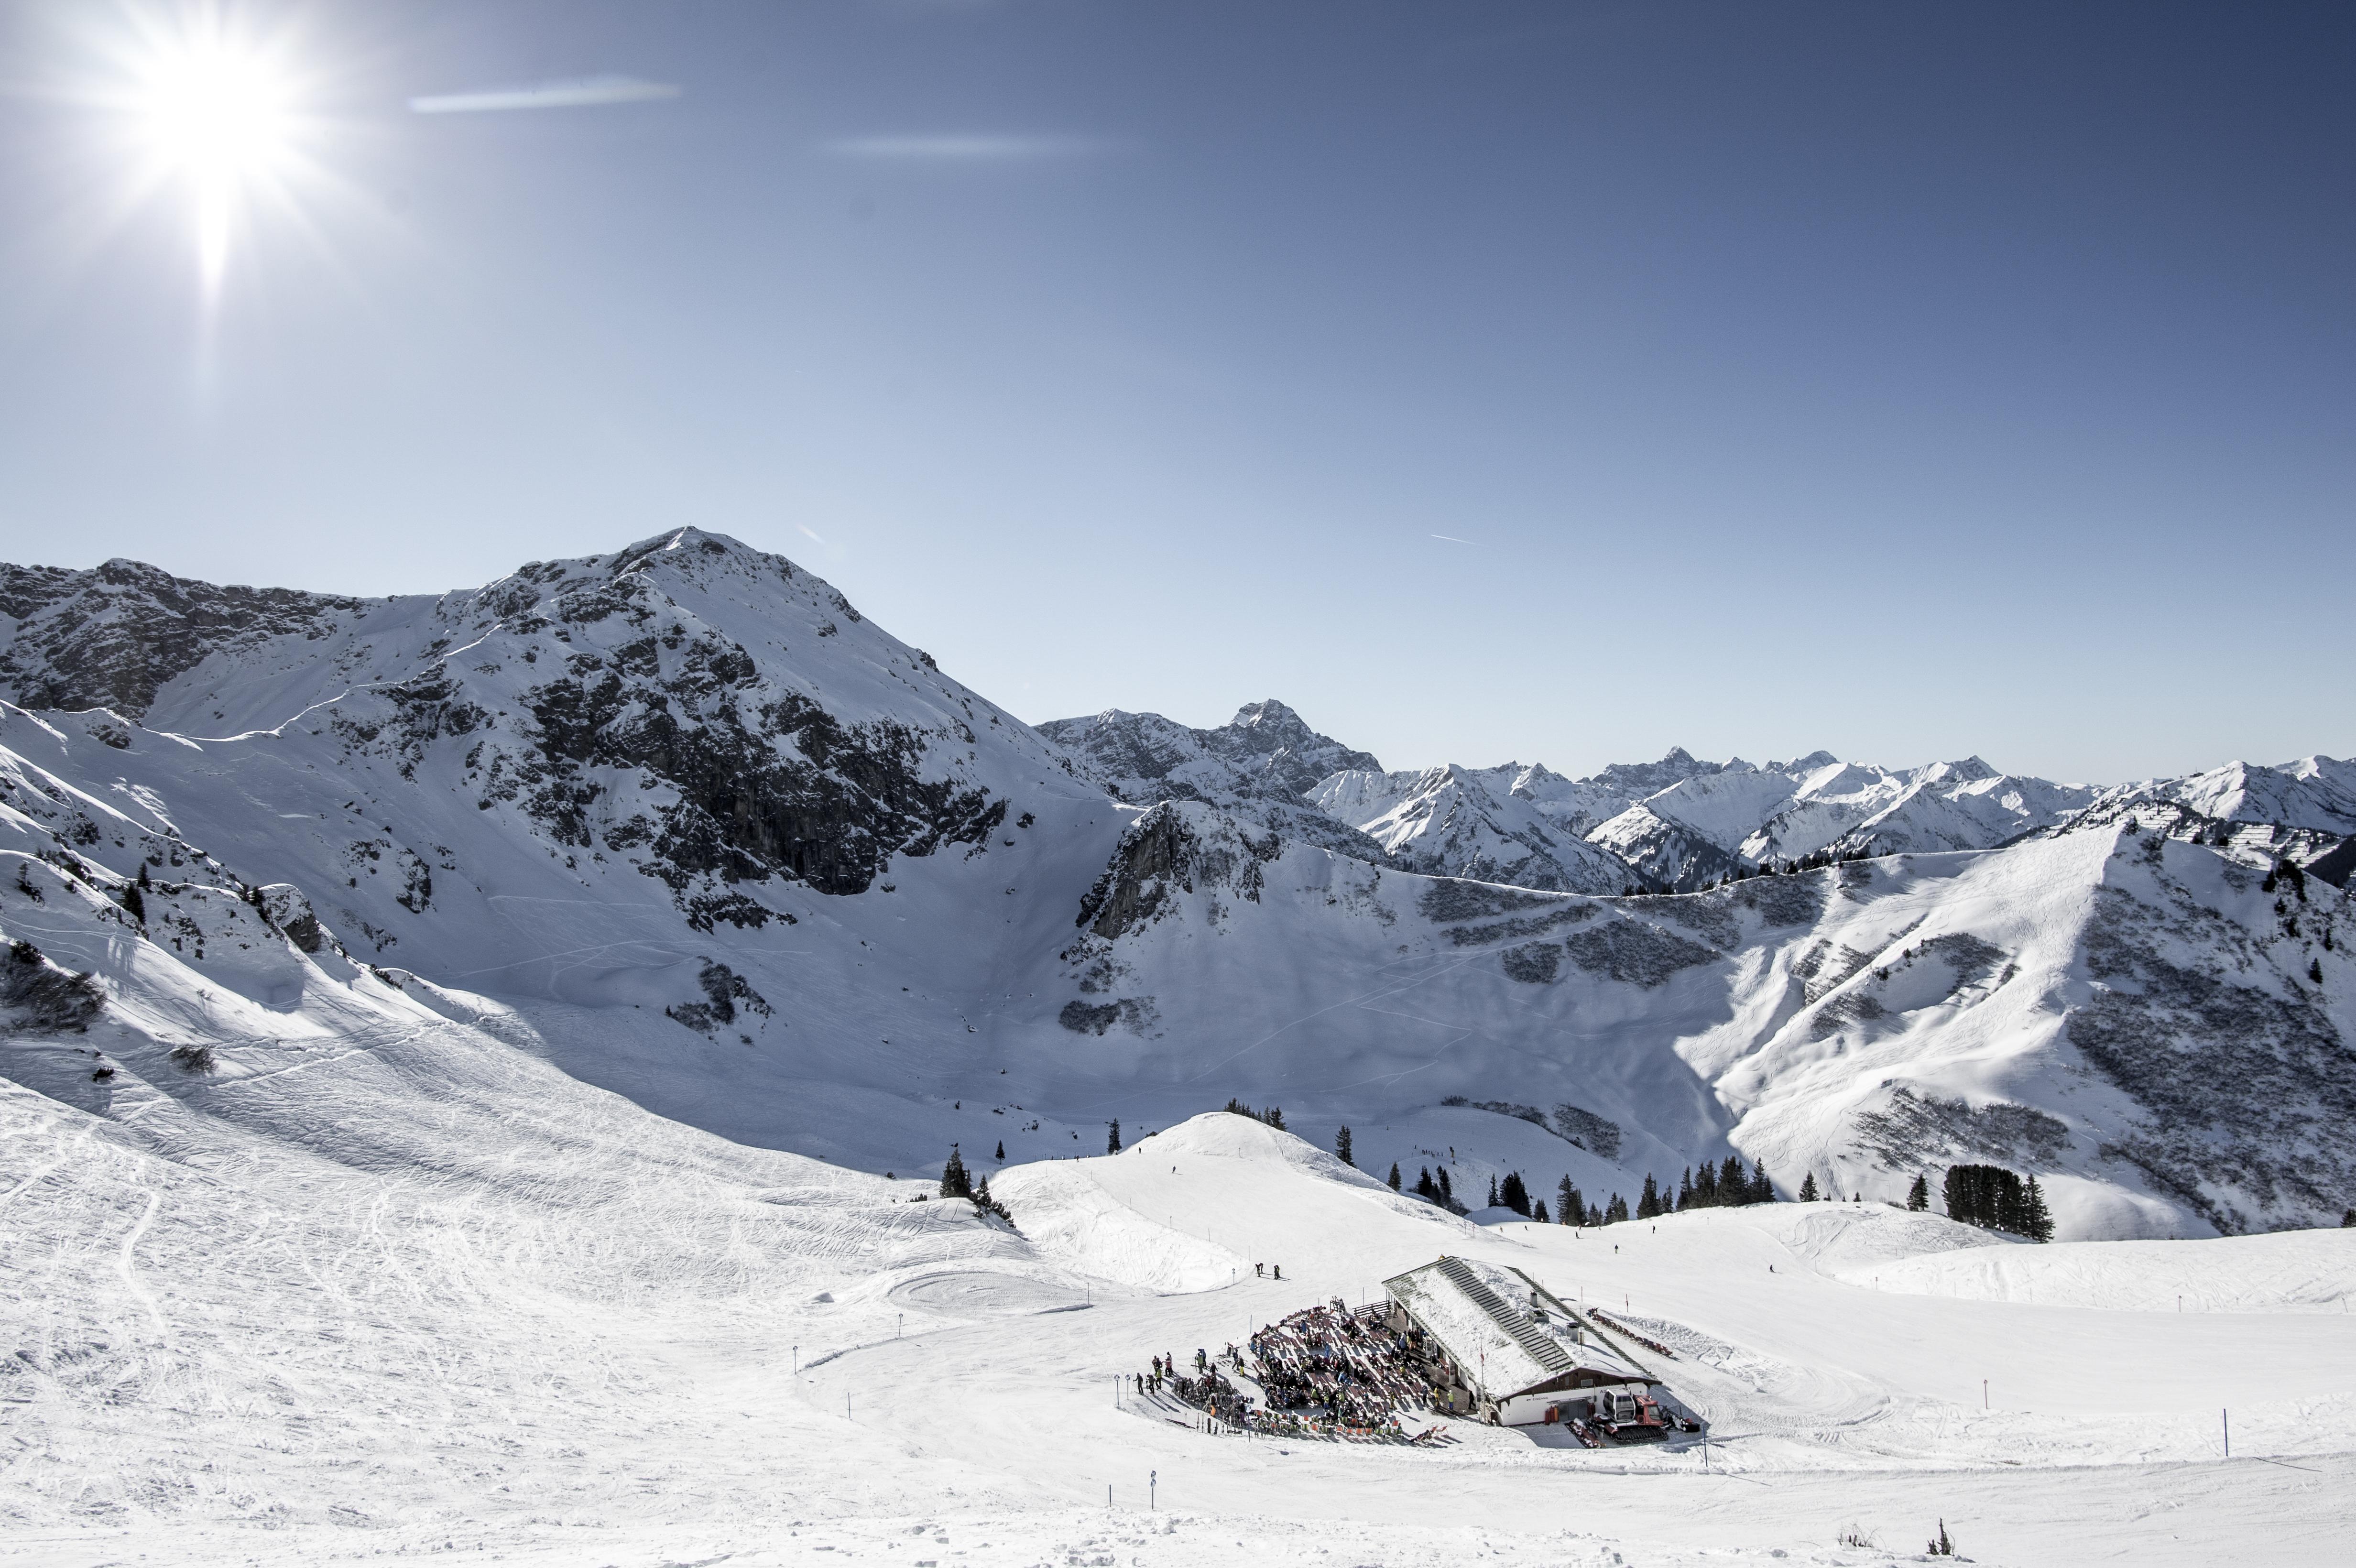 Weihnachten Skiurlaub 2019.Skigebiet Oberstdorf Kleinwalsertal Ski Genuss In Vorarlberg